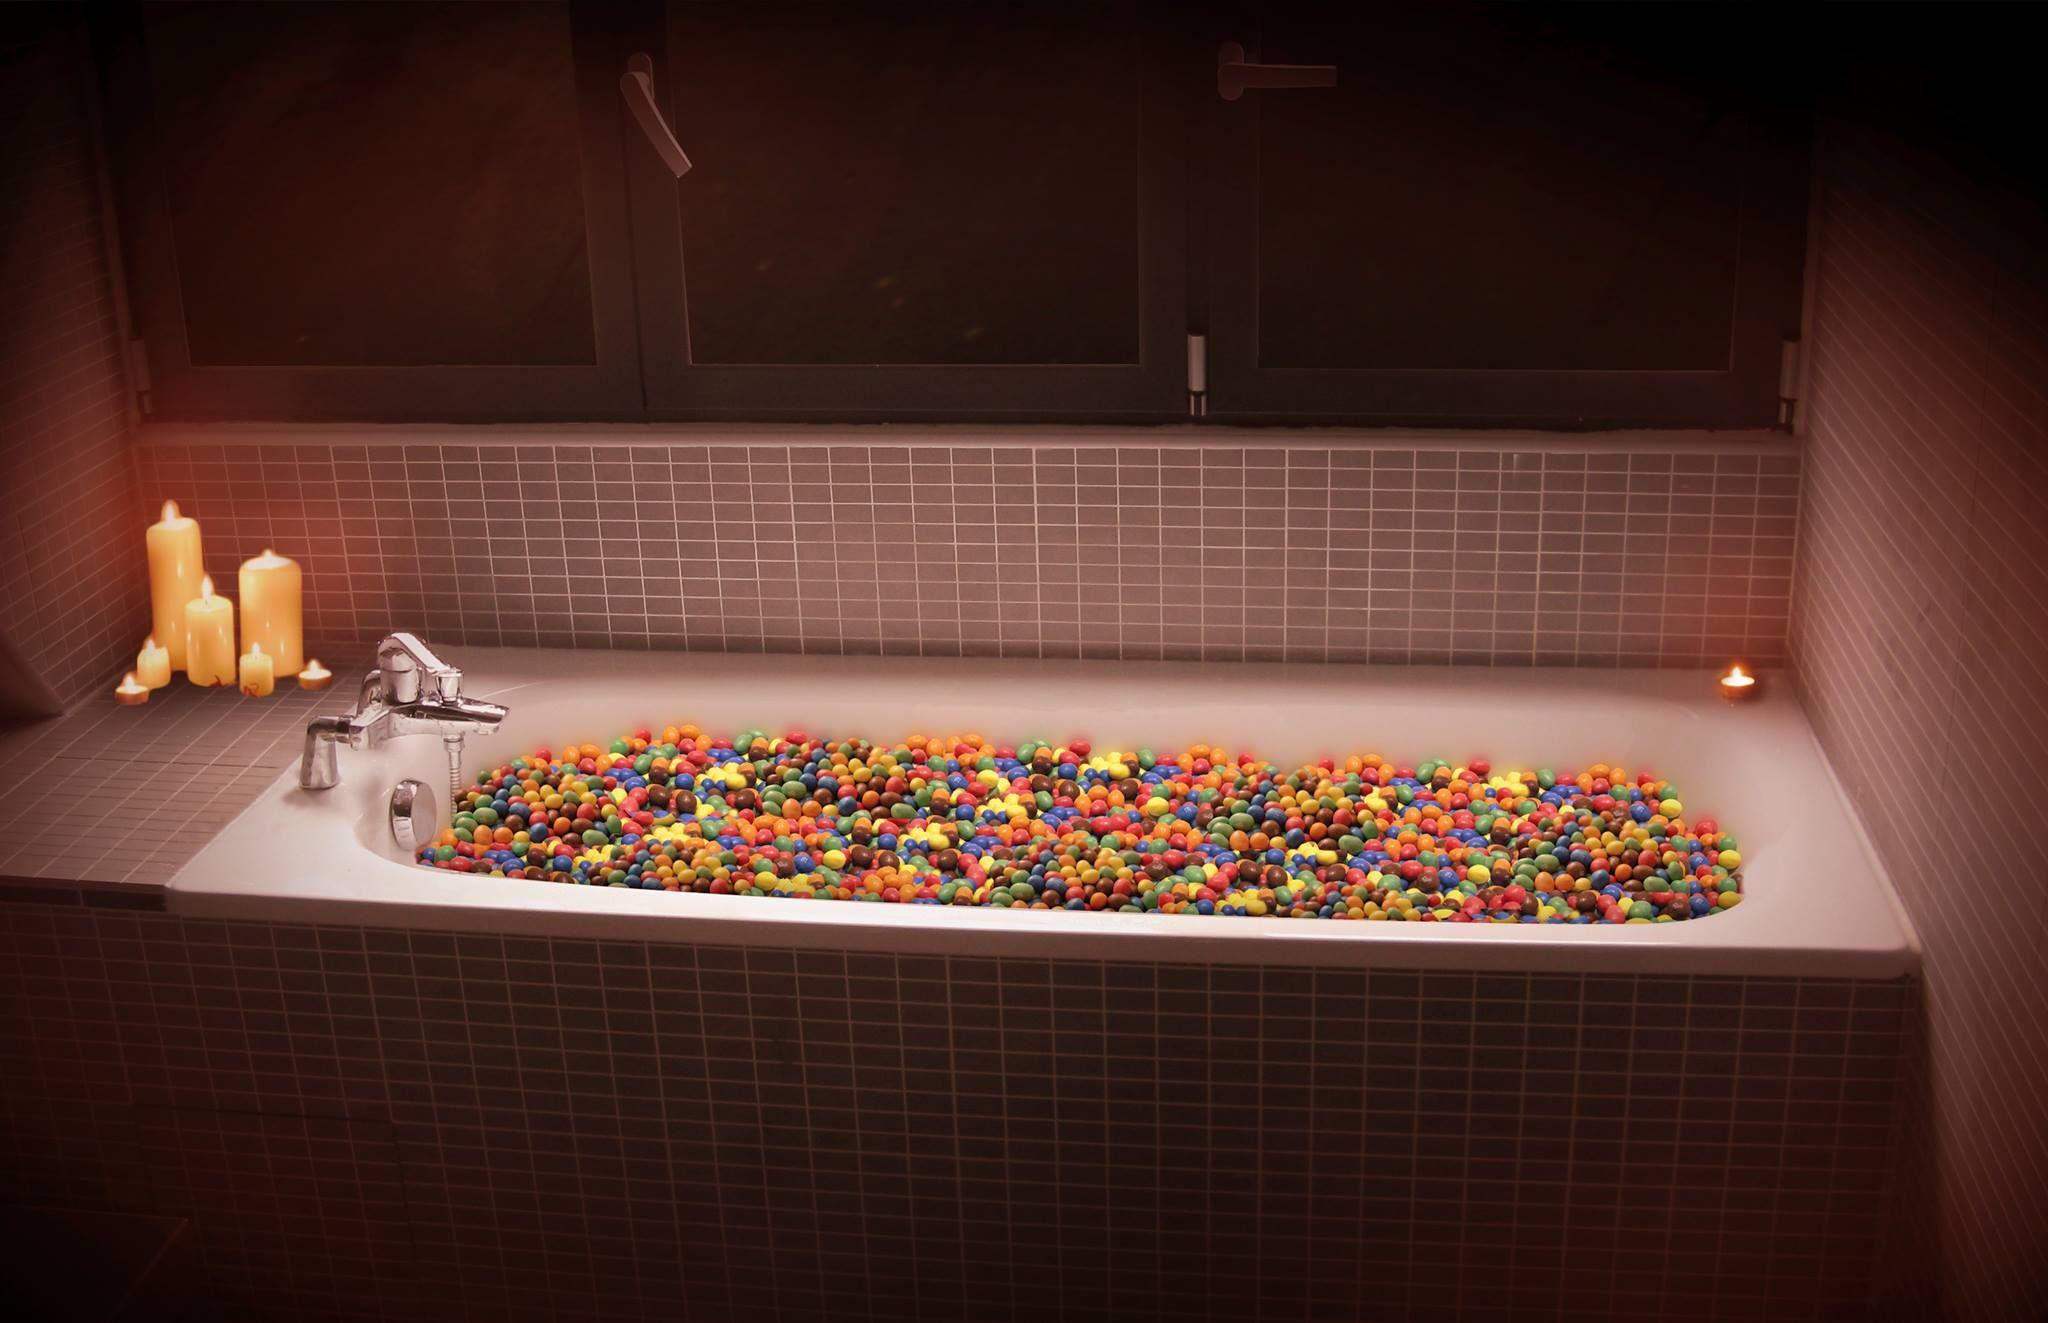 tente de buller dans un bain de m m s